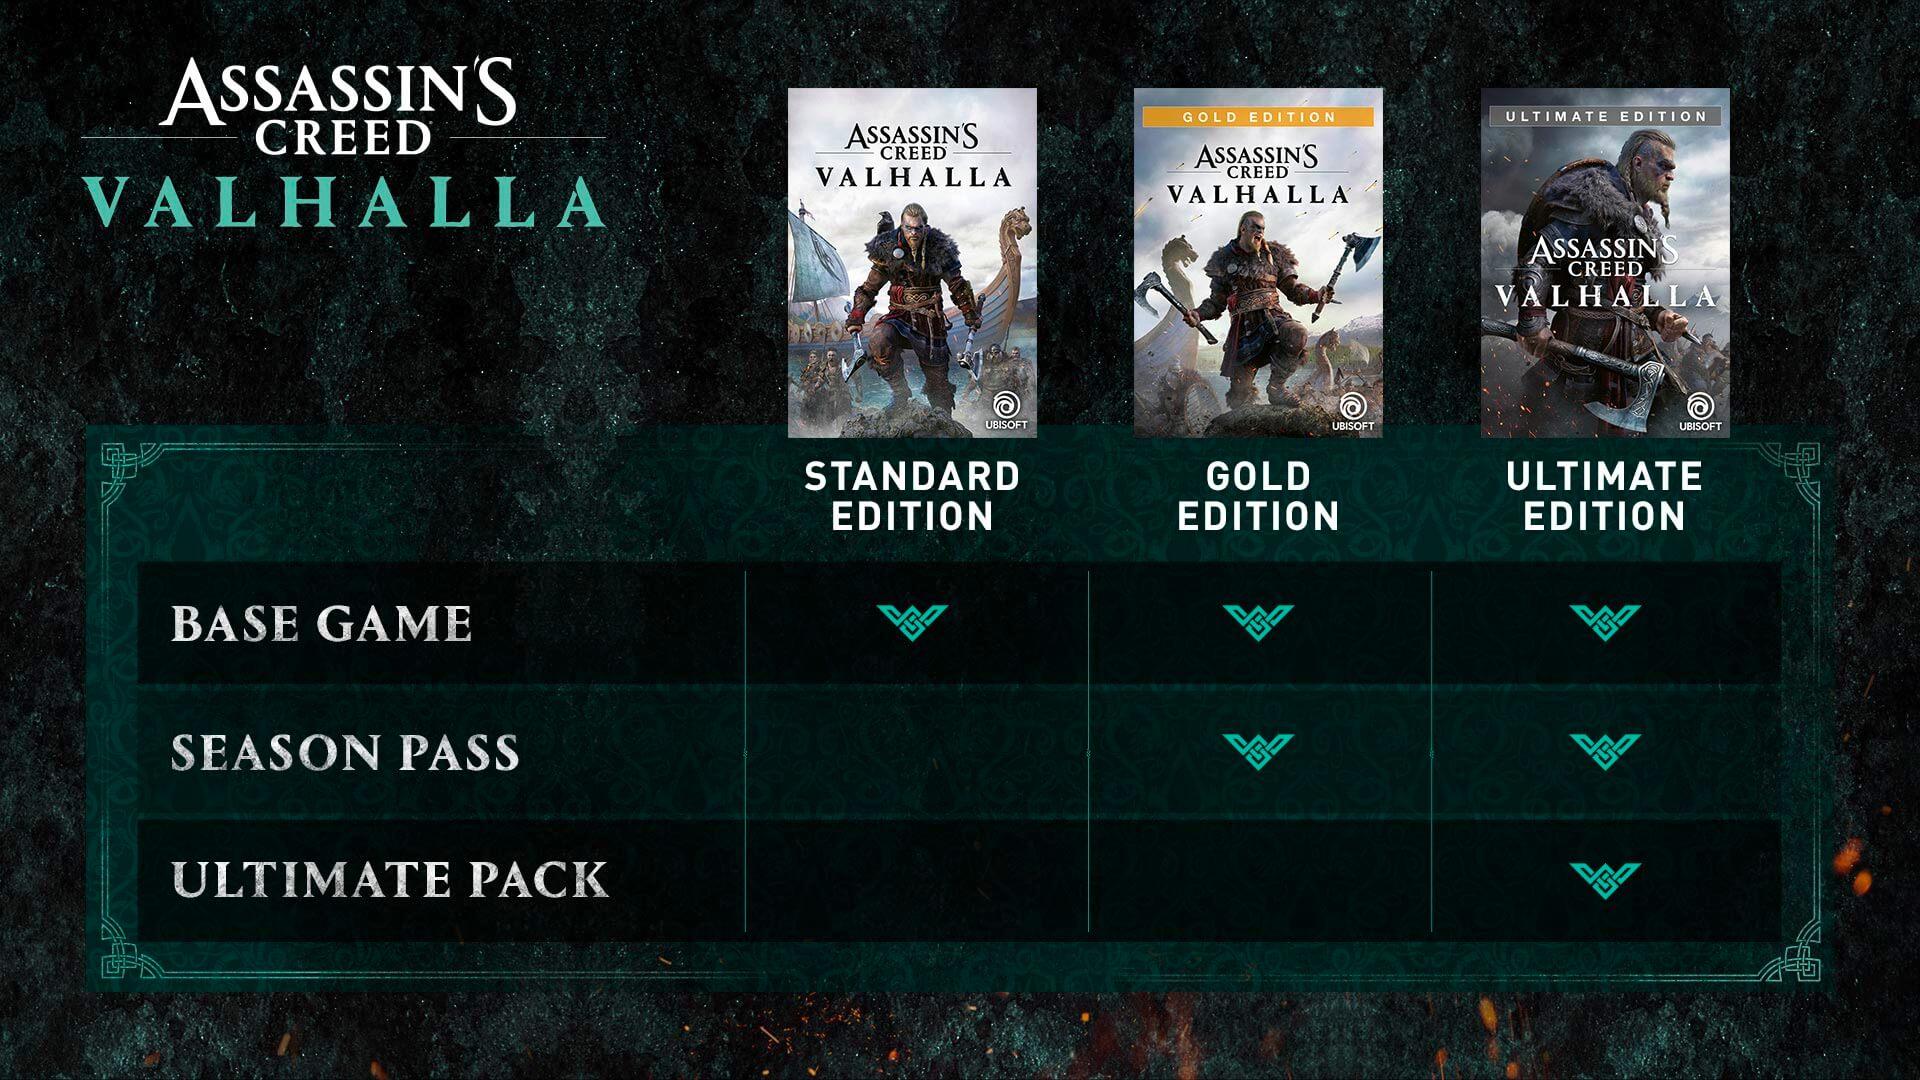 Assassin's Creed: Valhalla na ukrainskim epicstore z kuponem swiatecznym (język rosyjski)